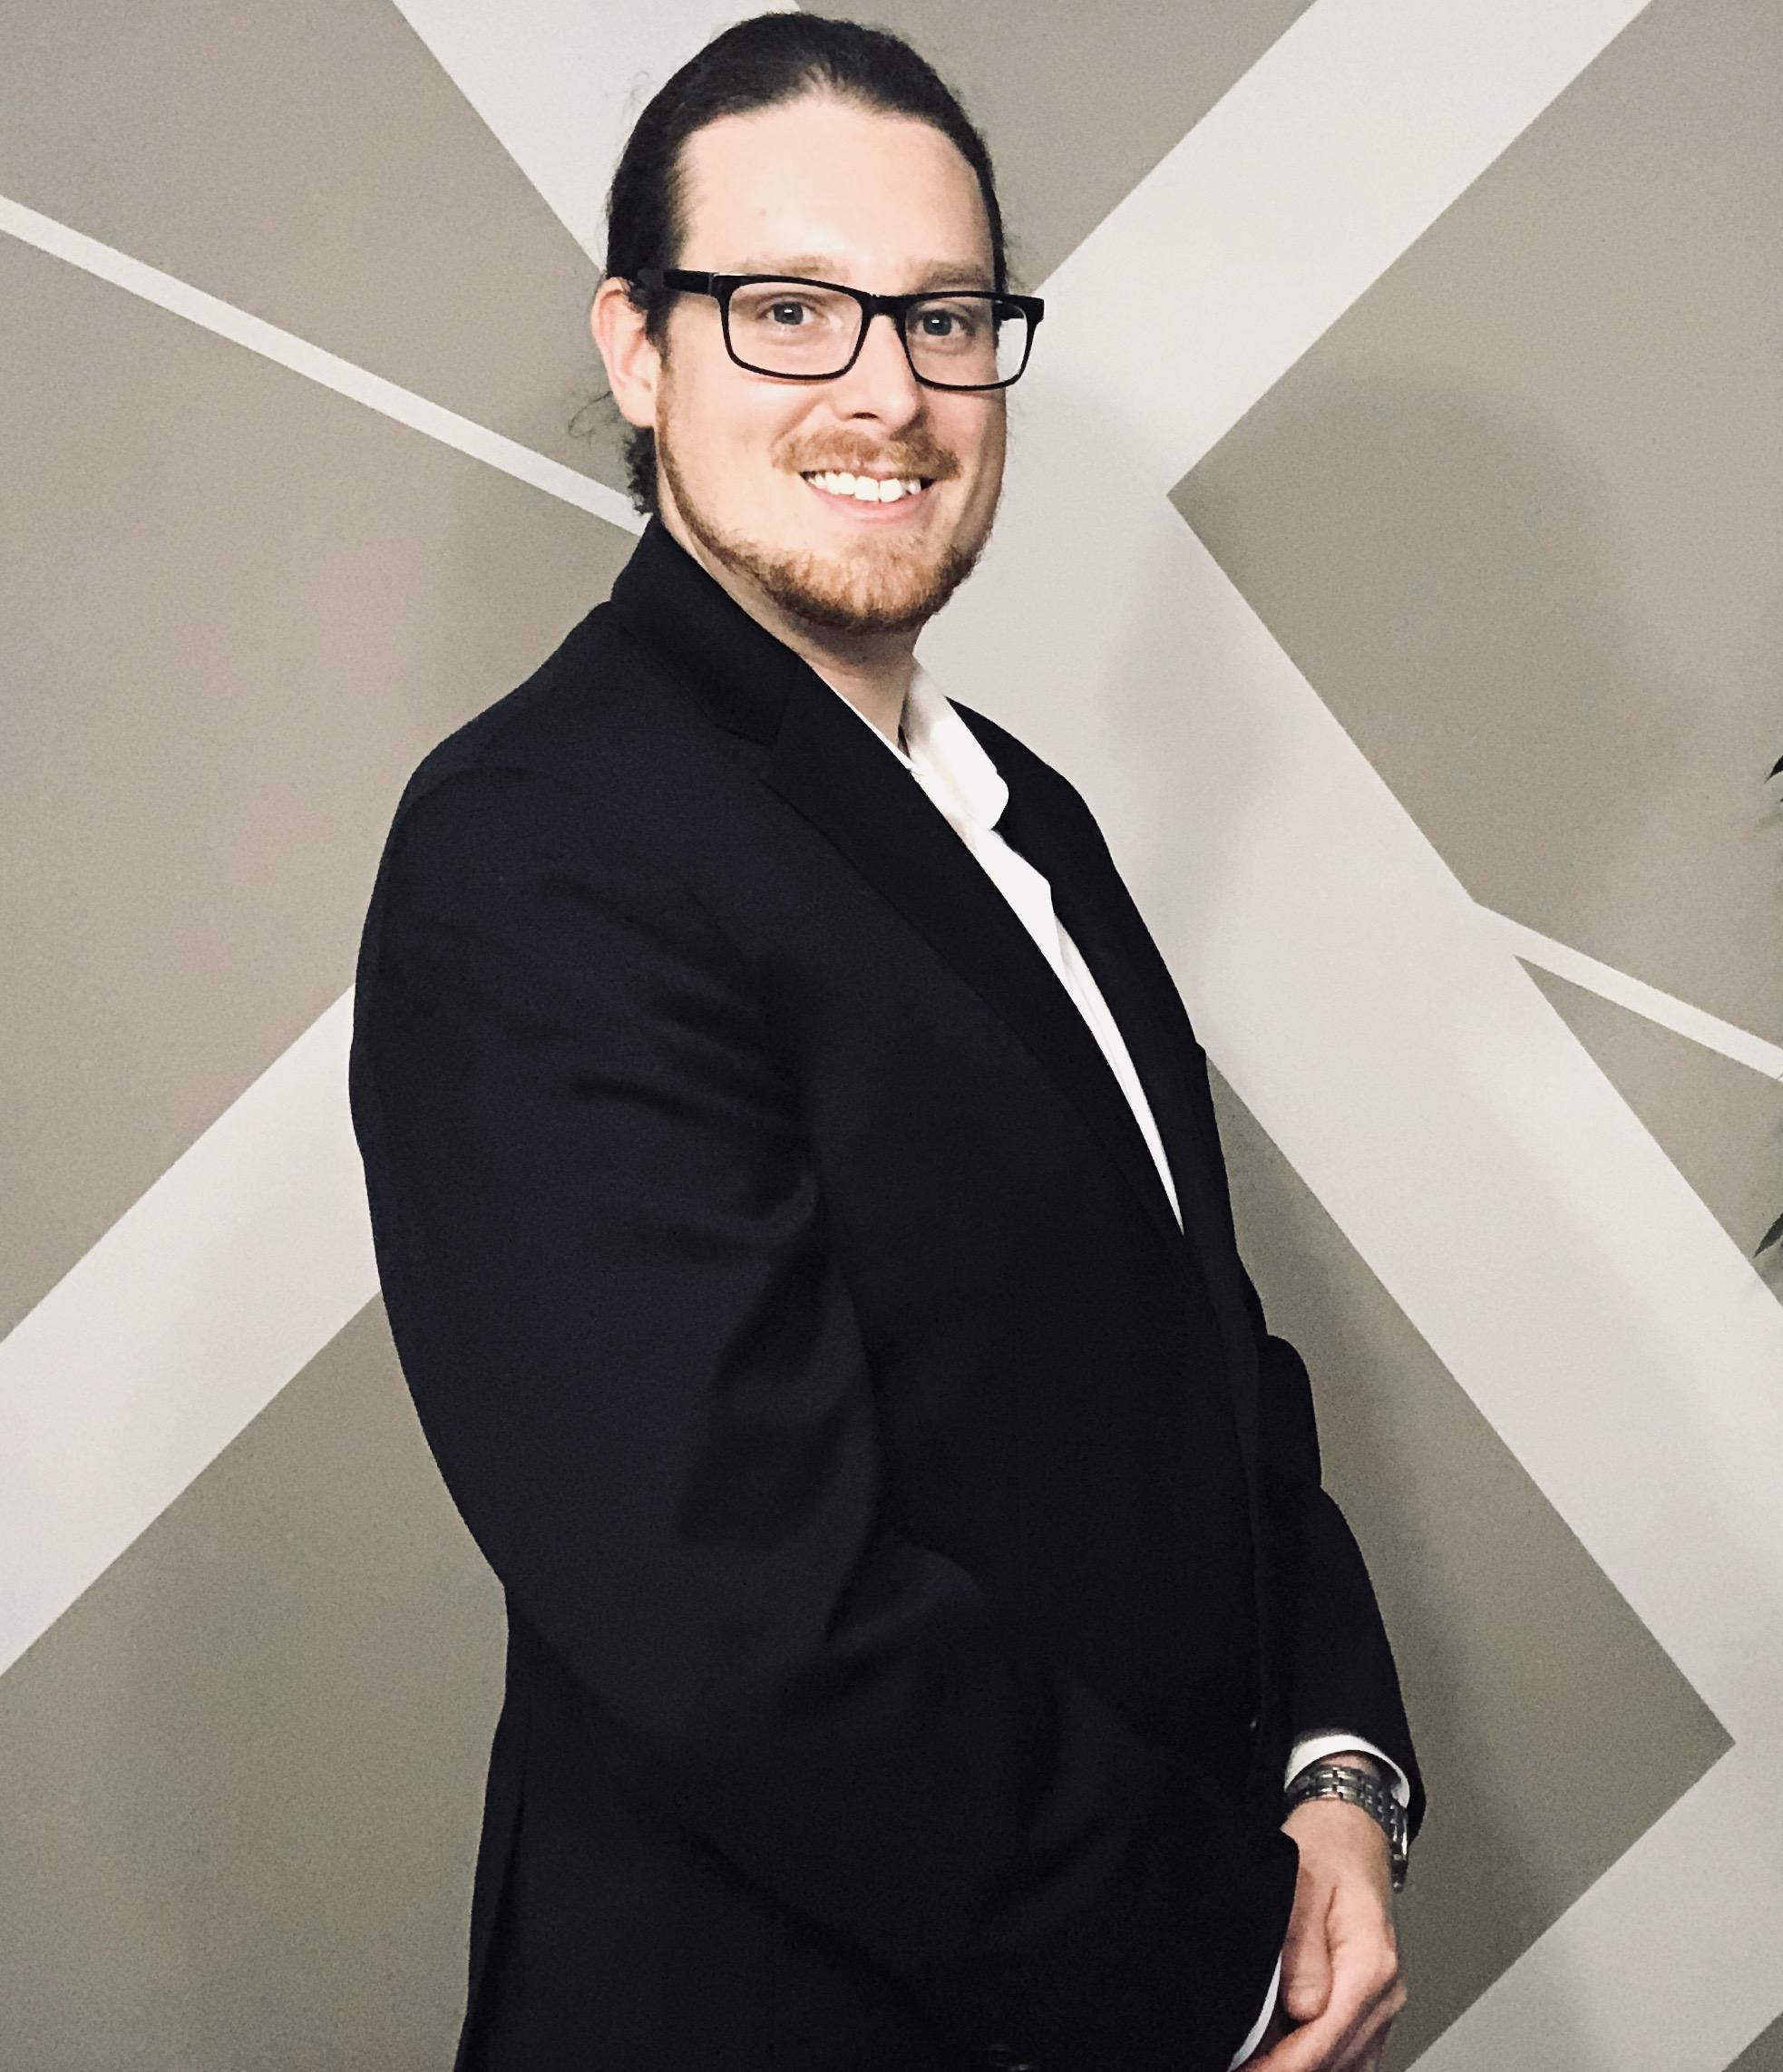 Kyle Duelund